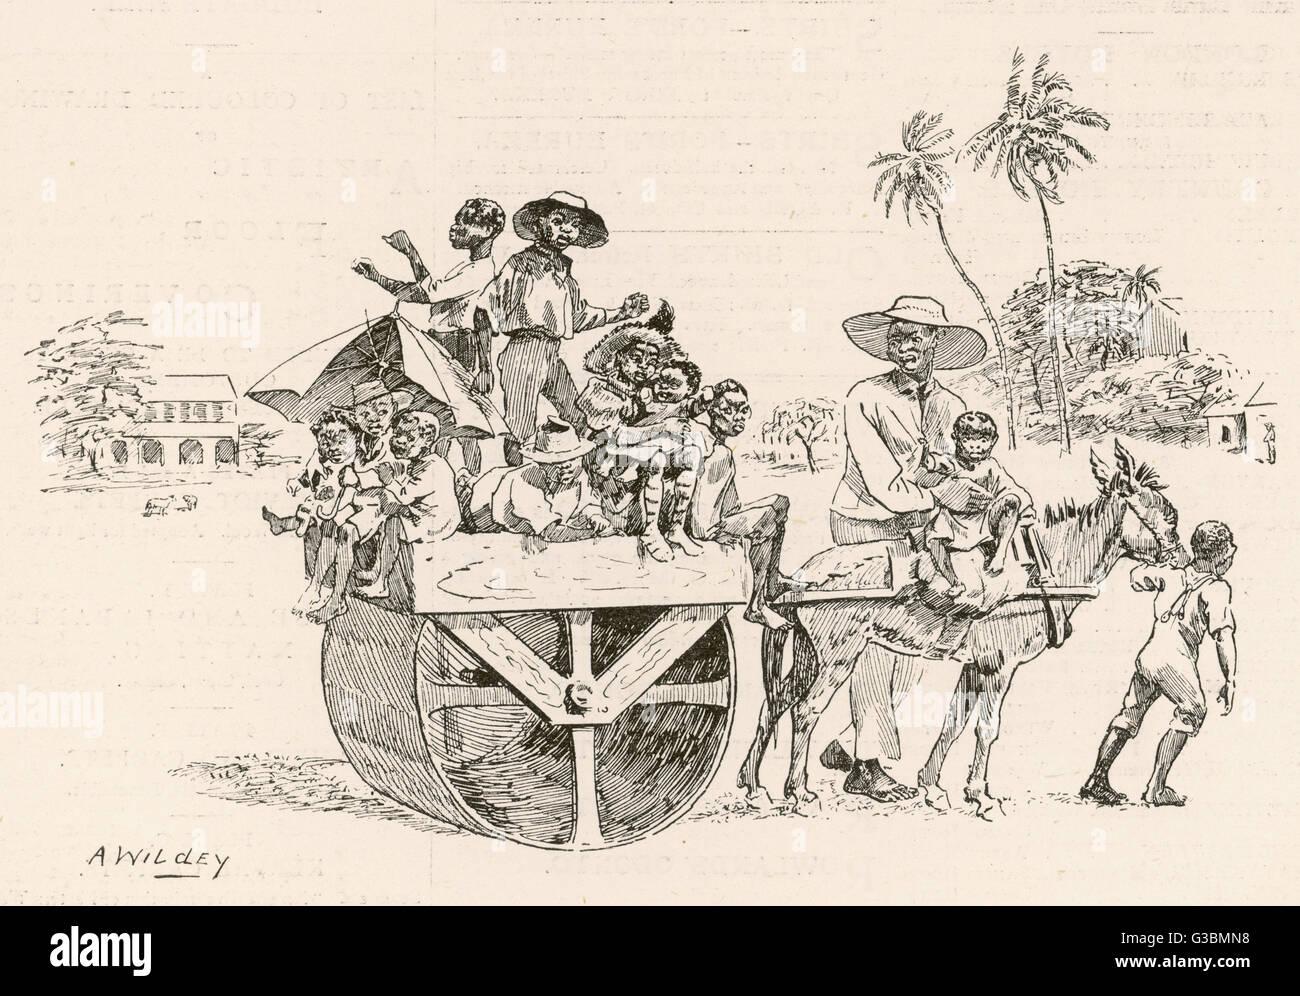 La laminazione del passo in preparazione per la stagione del cricket in Indie ad ovest data: 1895 Foto Stock